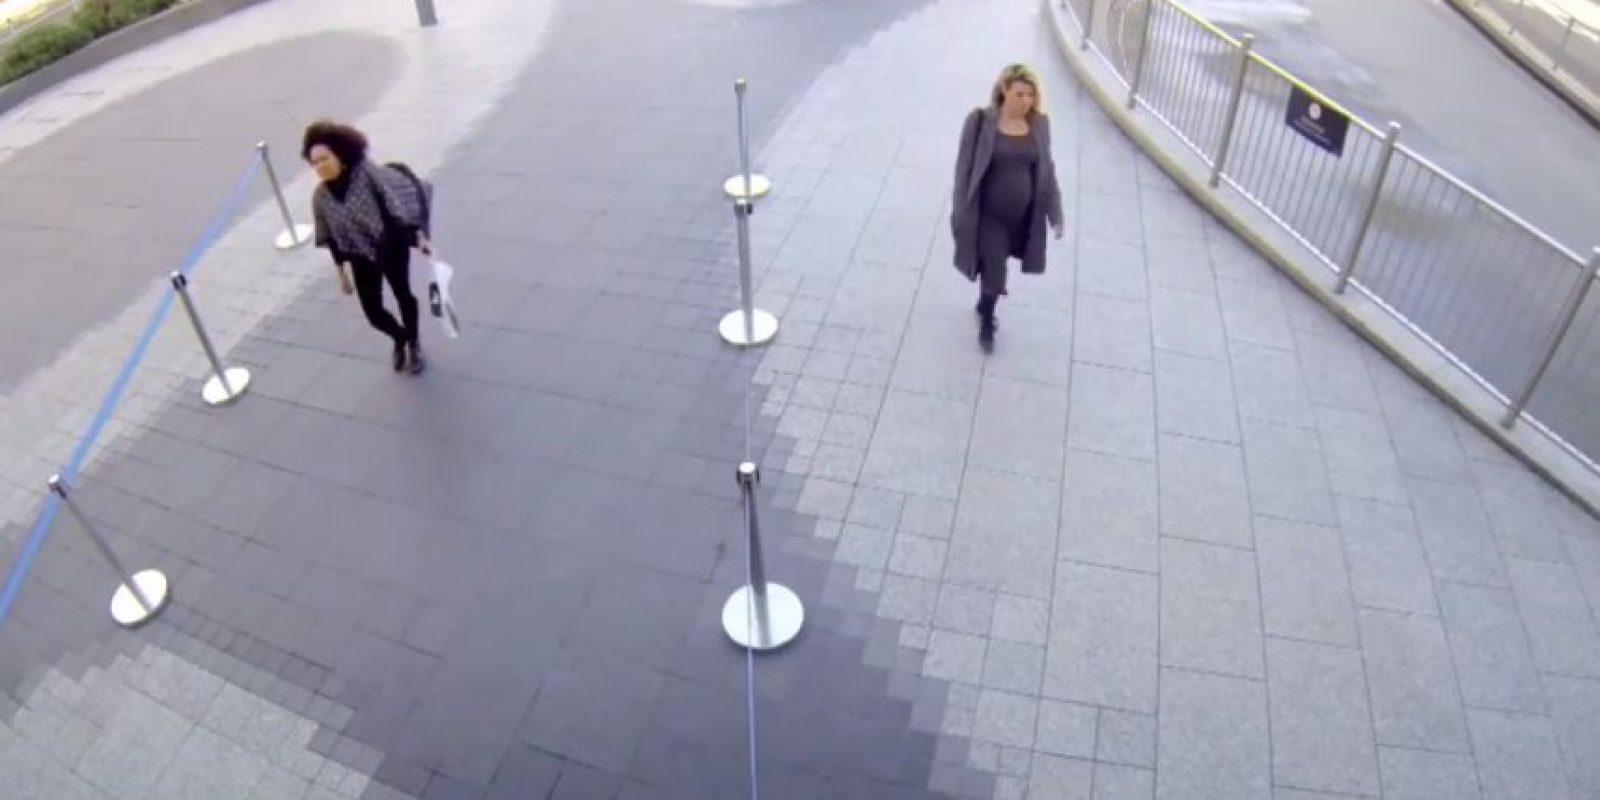 Esto hace parte de la campaña de Dove para empoderar a las mujeres. Foto:vía Youtube/Dove